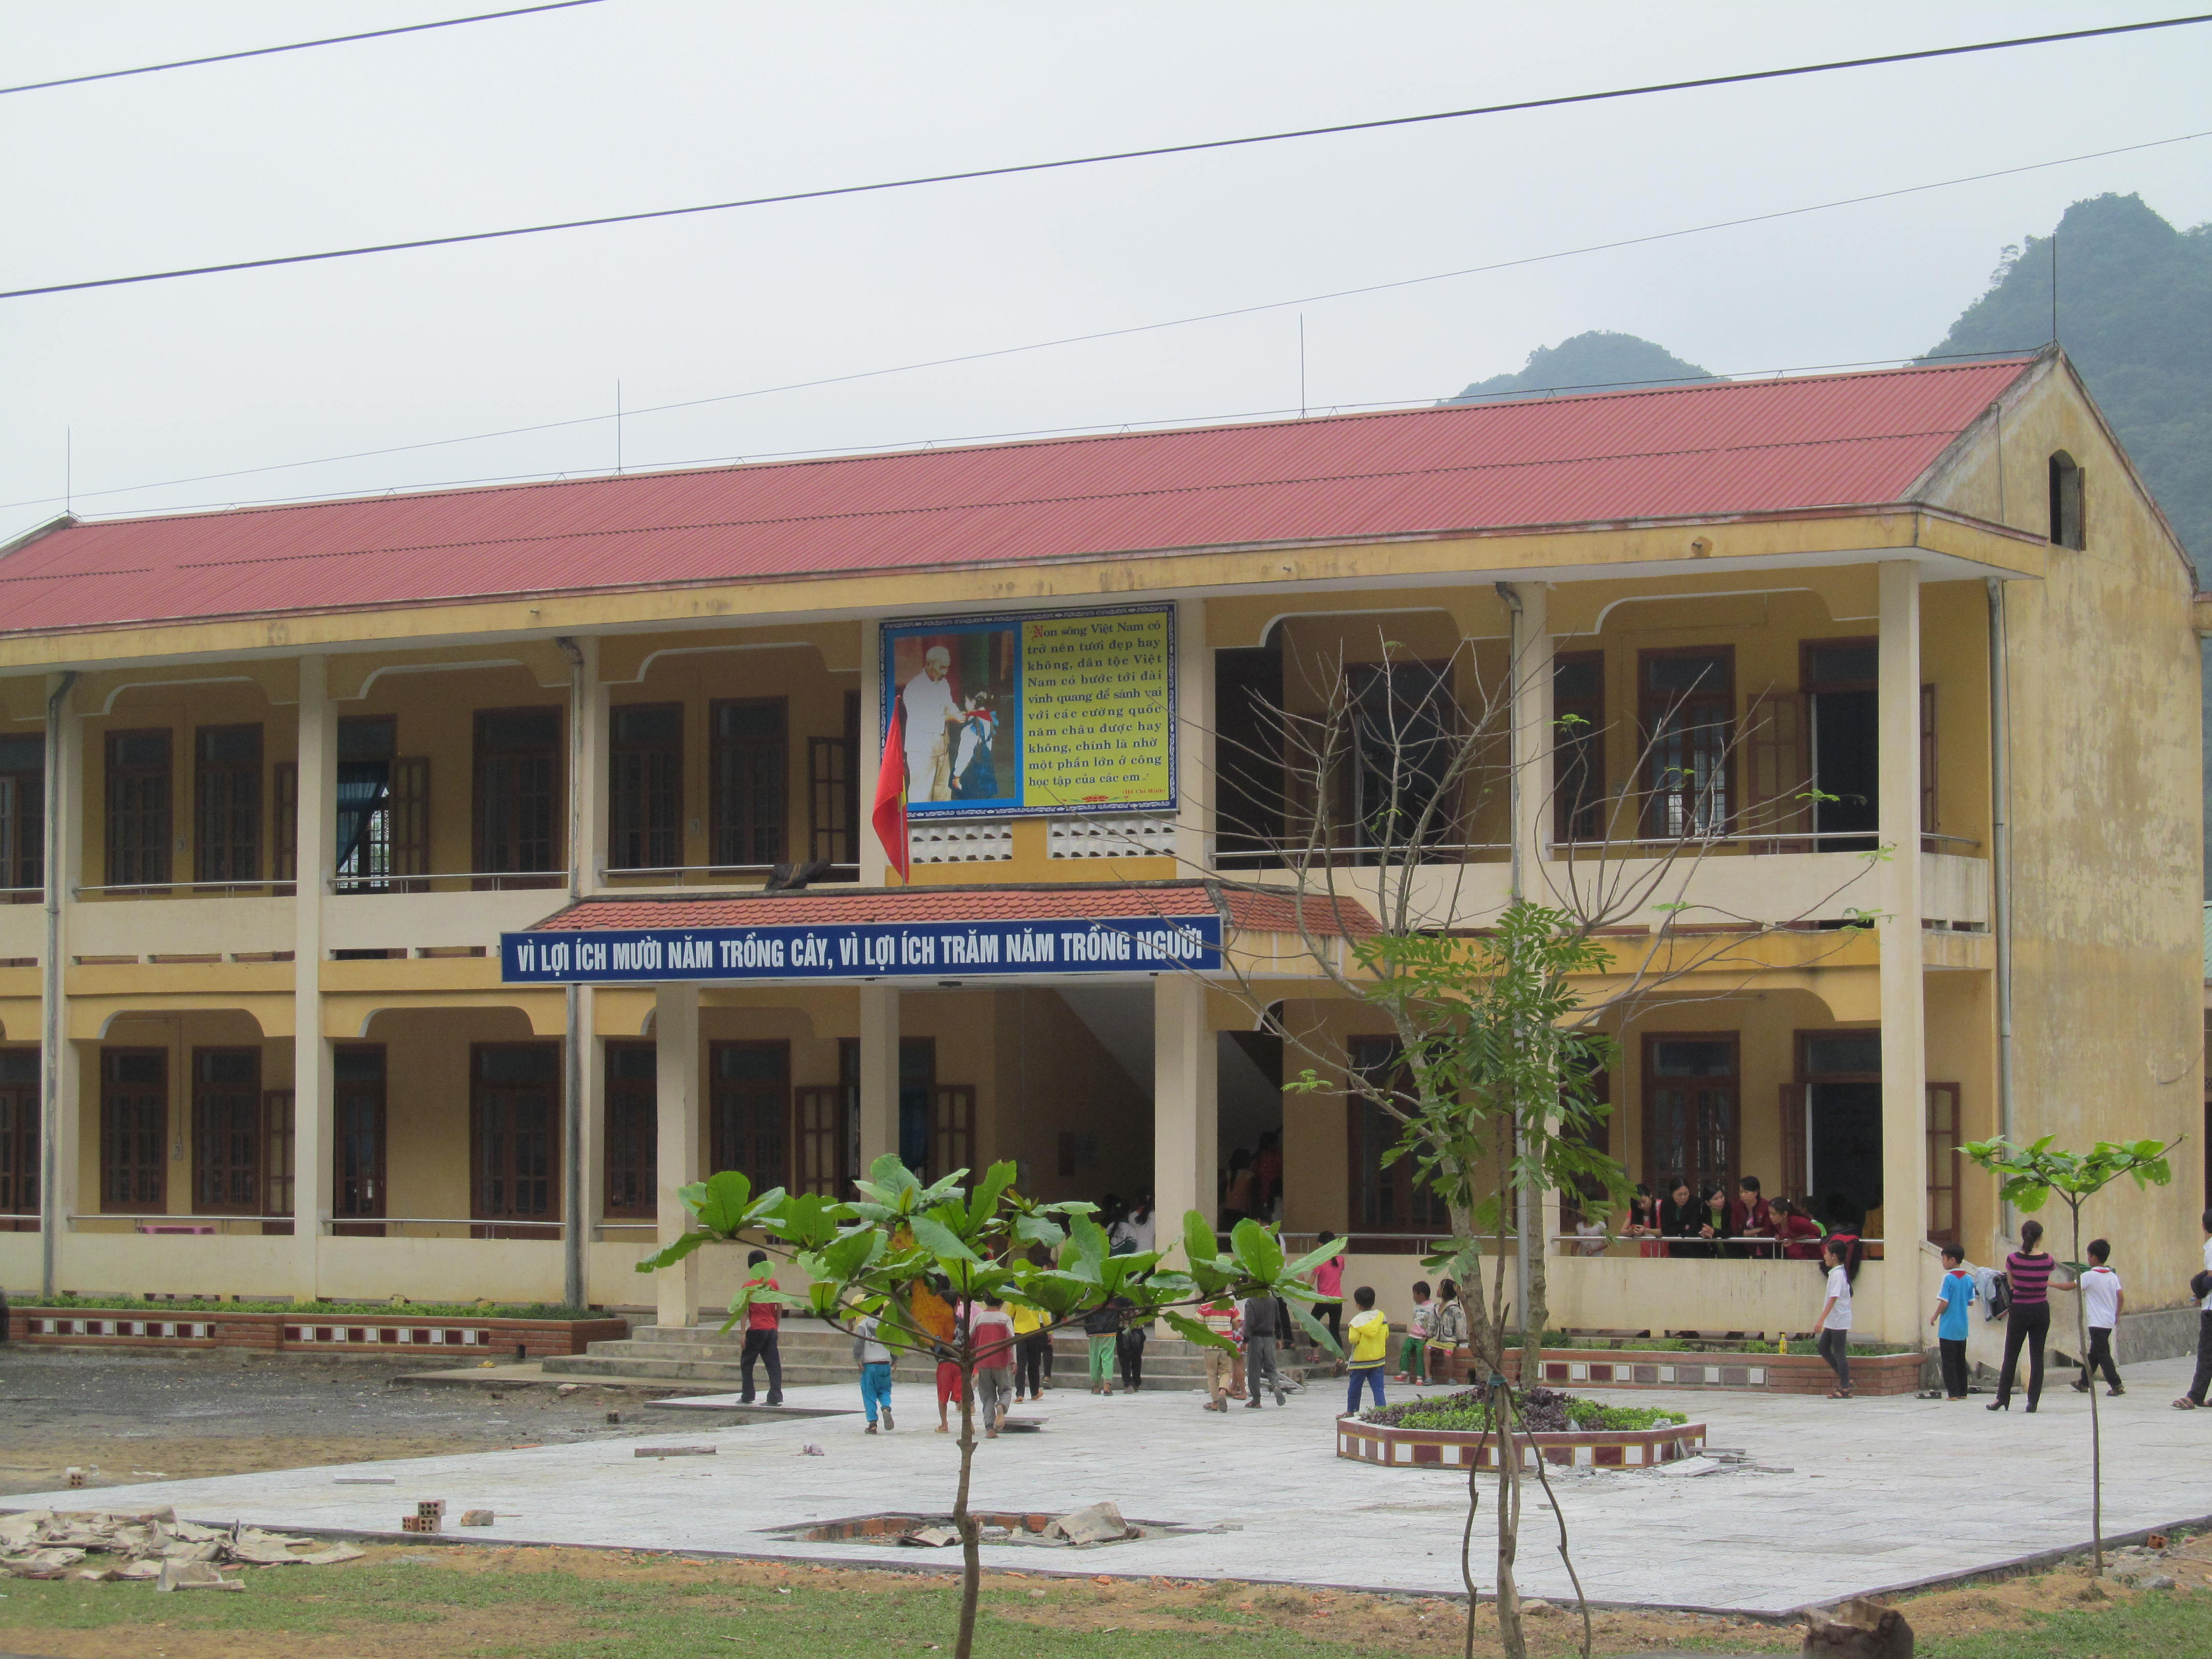 Trường phổ thông dân tộc bán trú tiểu học Trường Xuân – điểm trường Khe Ngang.